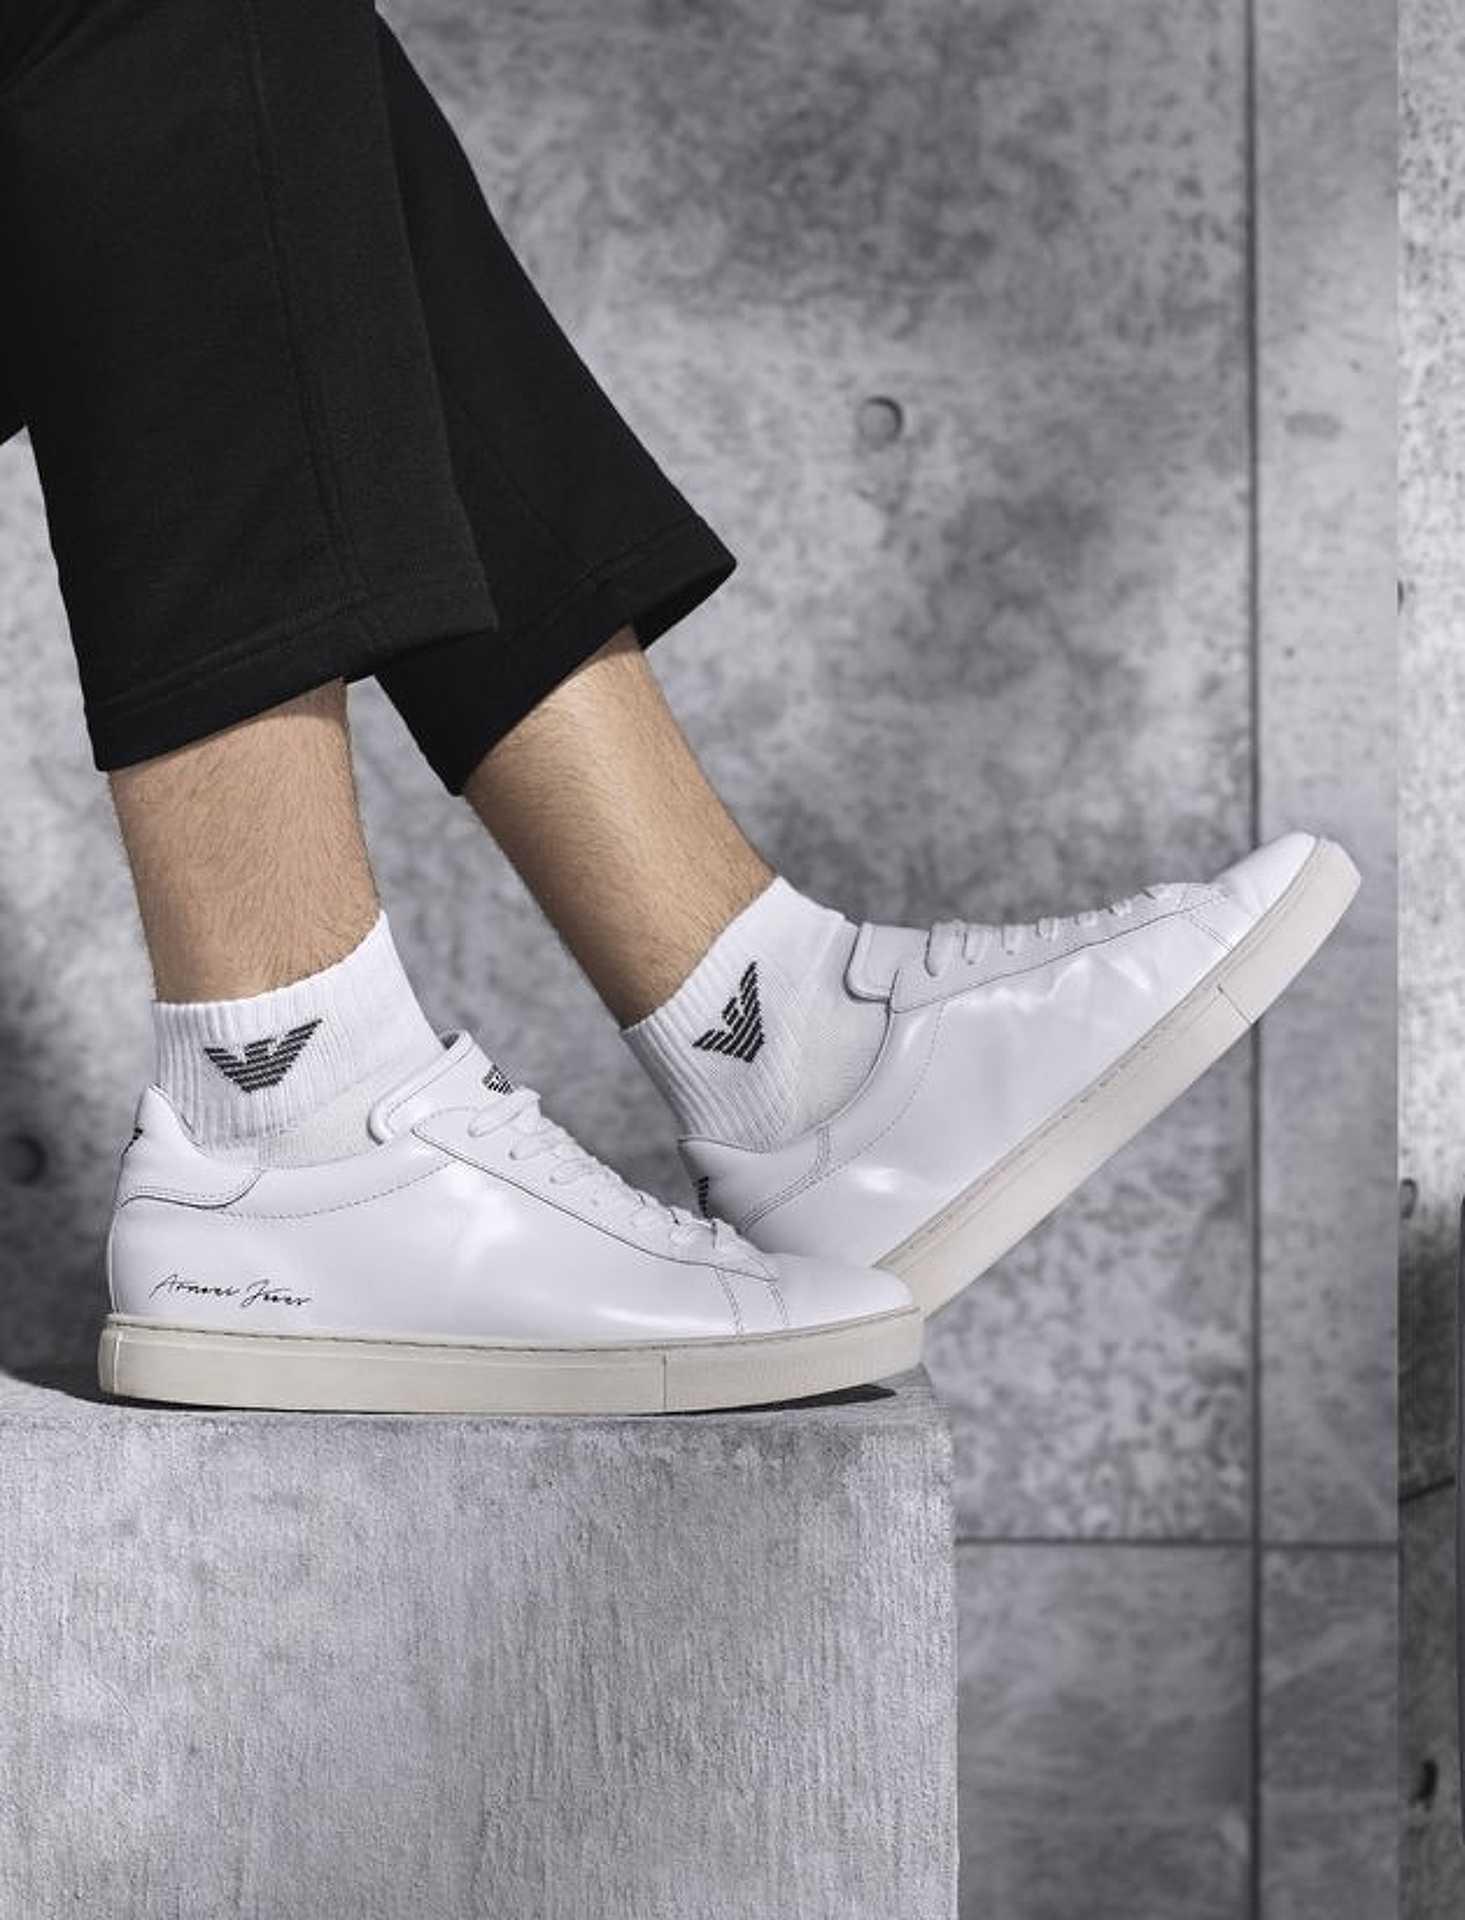 Armani megmutatja, hogy a fehér cipő,fehér zokni kombó a tavasz legjobb választása.